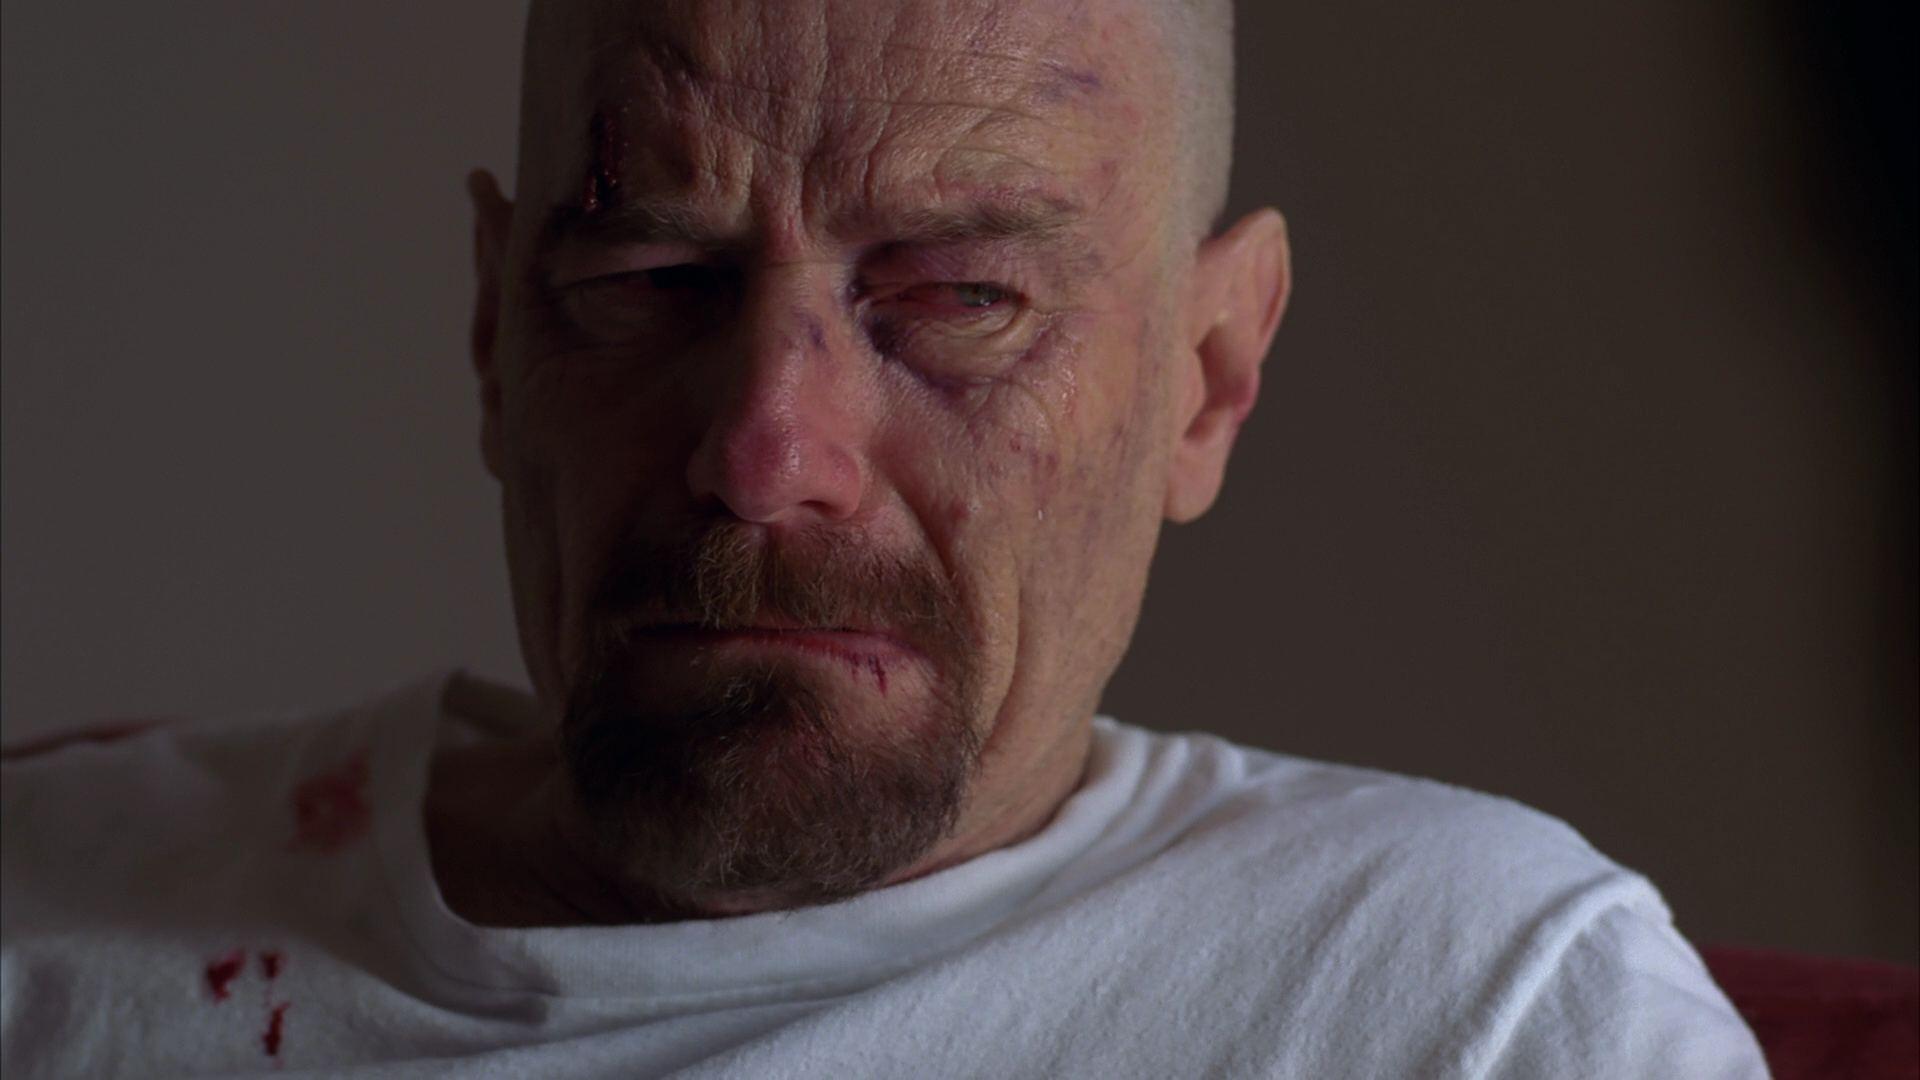 гифка с плачущим человеком представляет собой